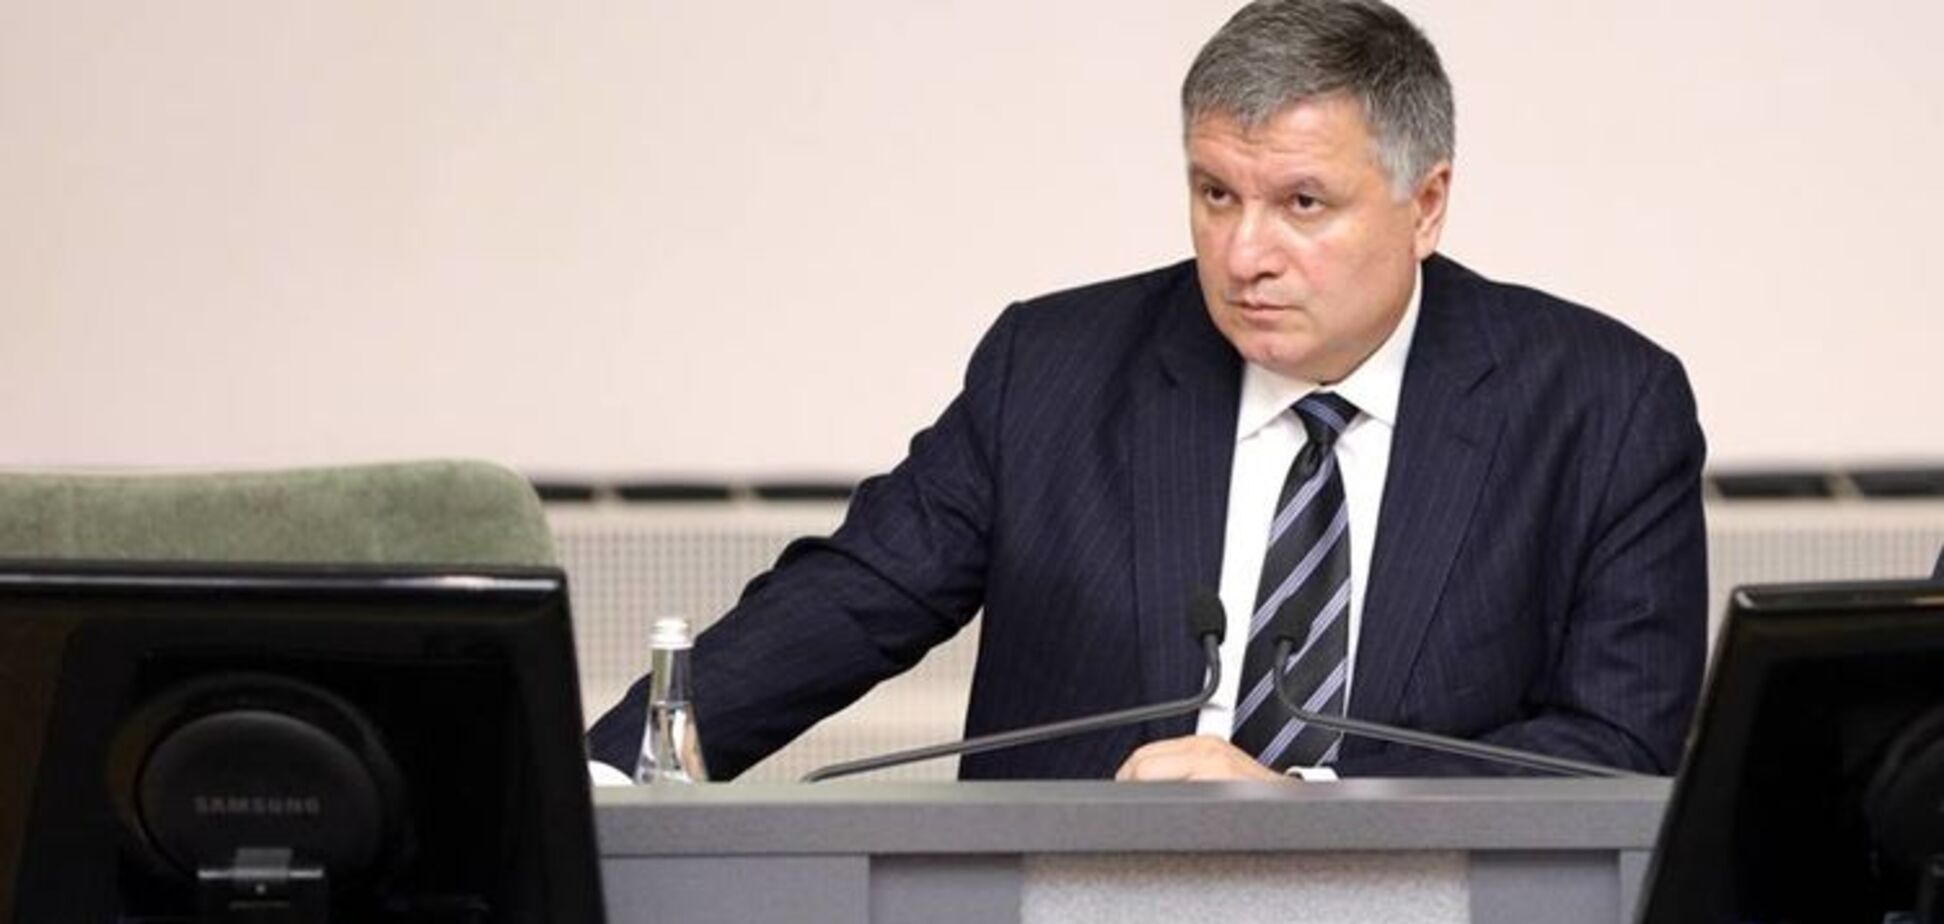 Не выйдет: украинцы не поверили в план Авакова по освобождению Донбасса